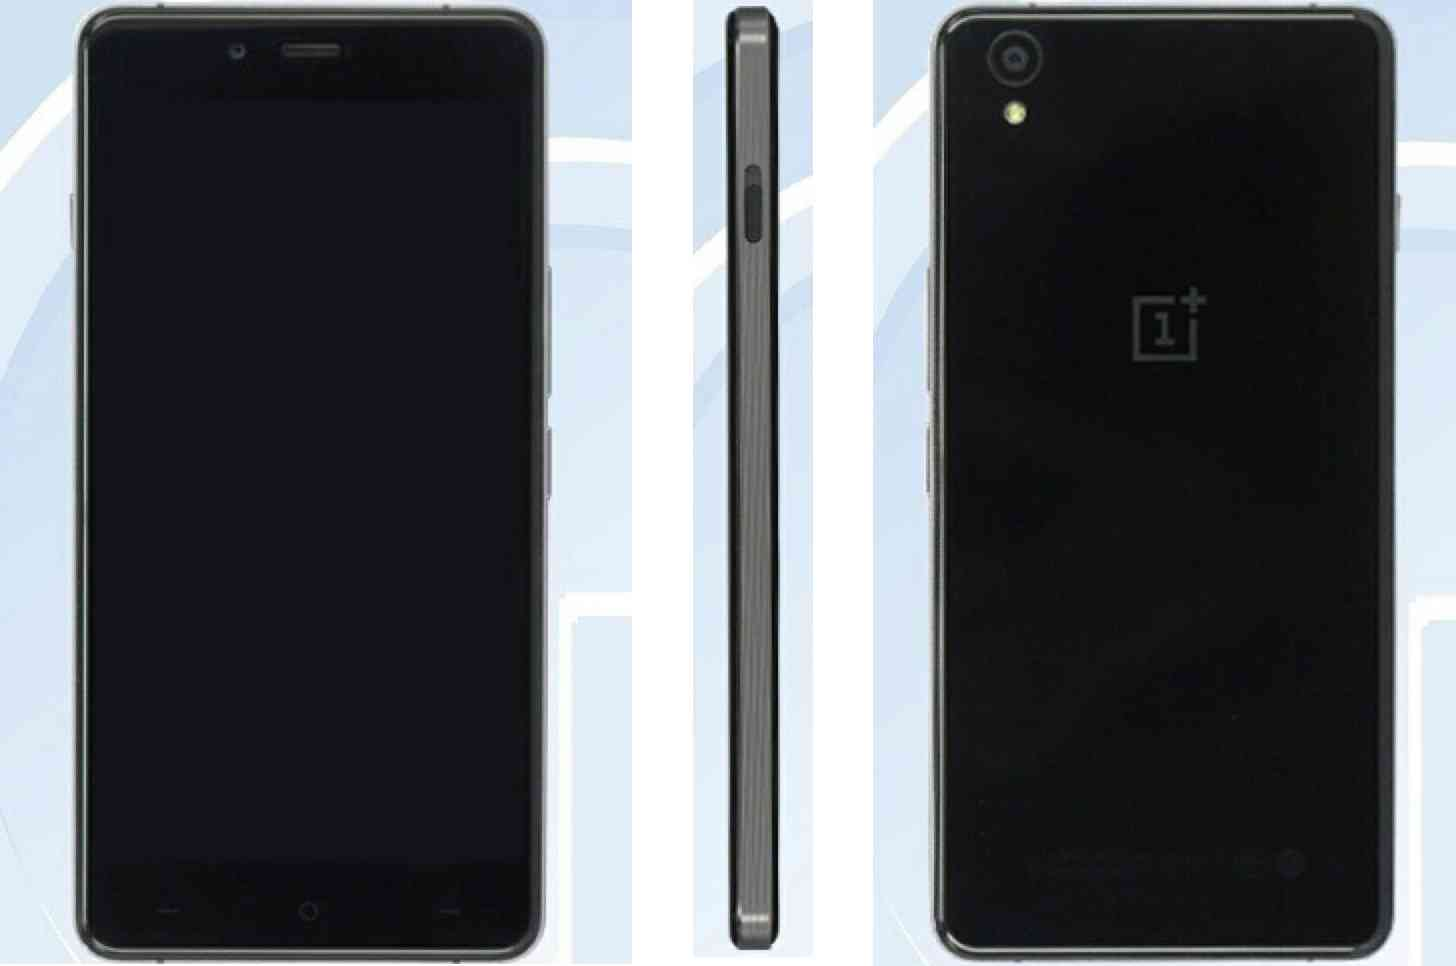 OnePlus X mini TENAA leak large